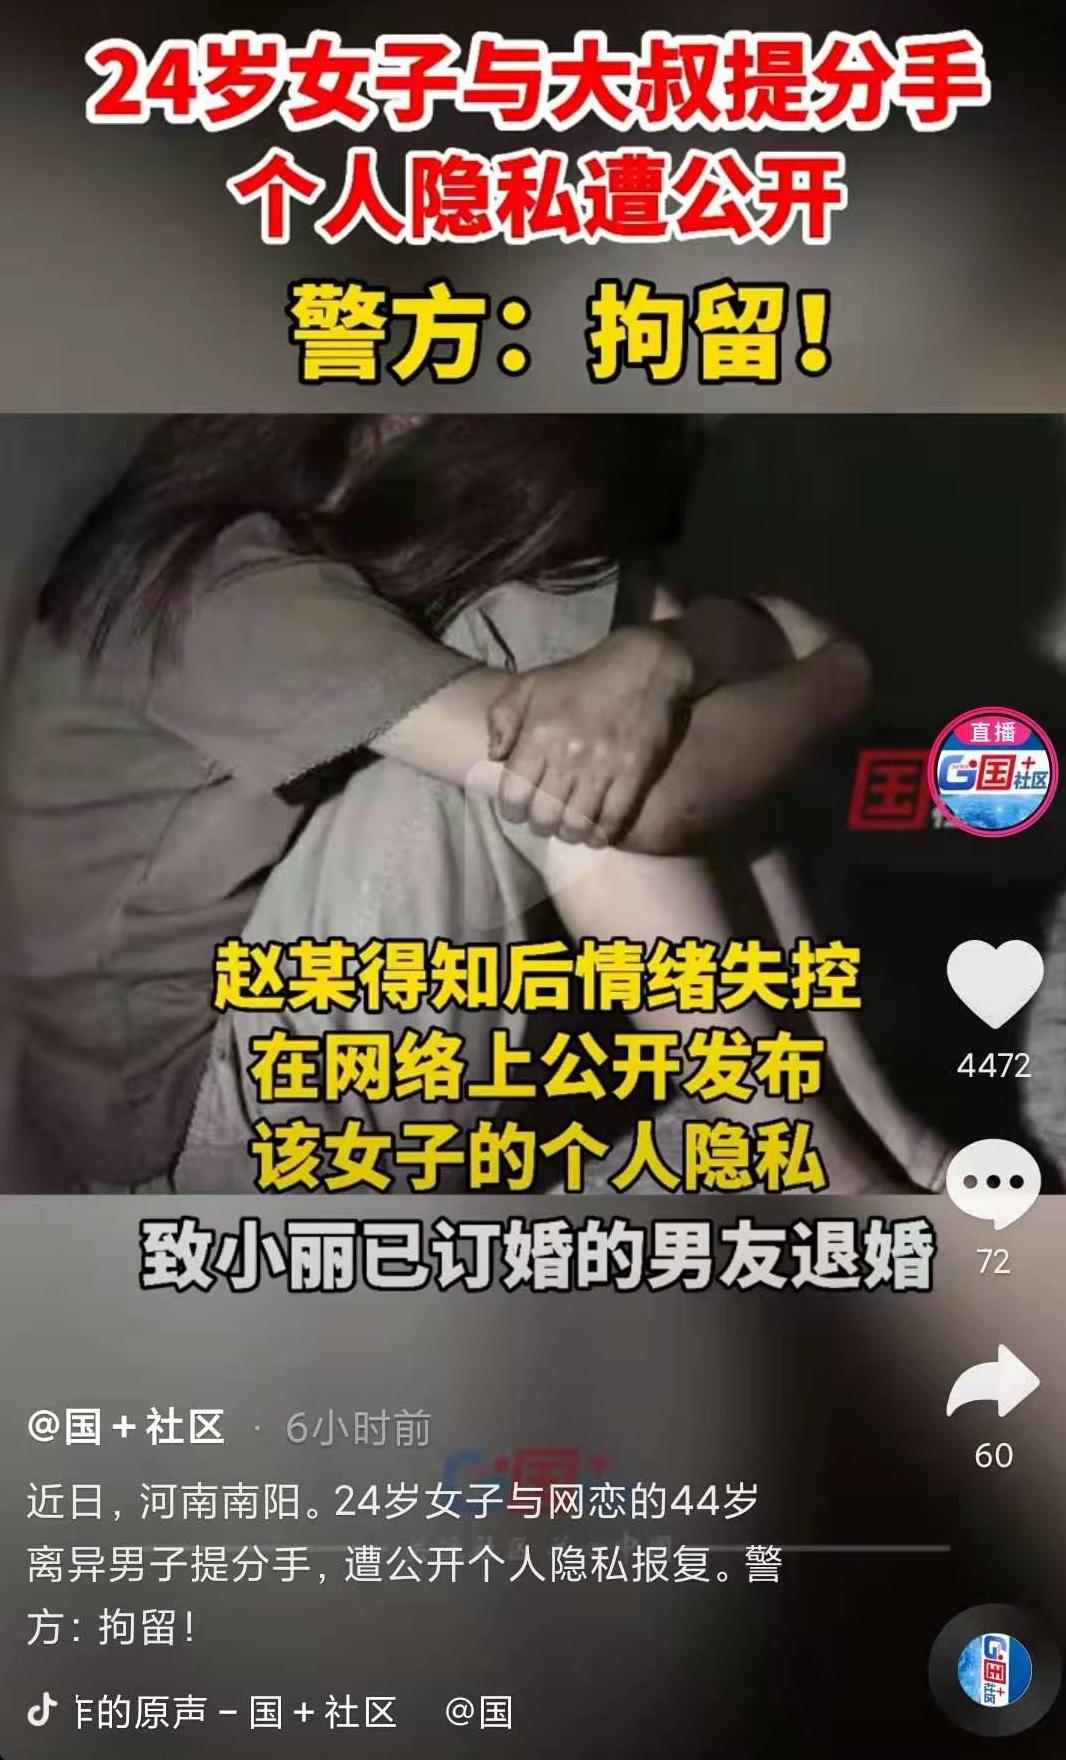 24岁女子与44大叔网恋遭家人反对分手,大叔公开女子隐私致其被新男友退婚